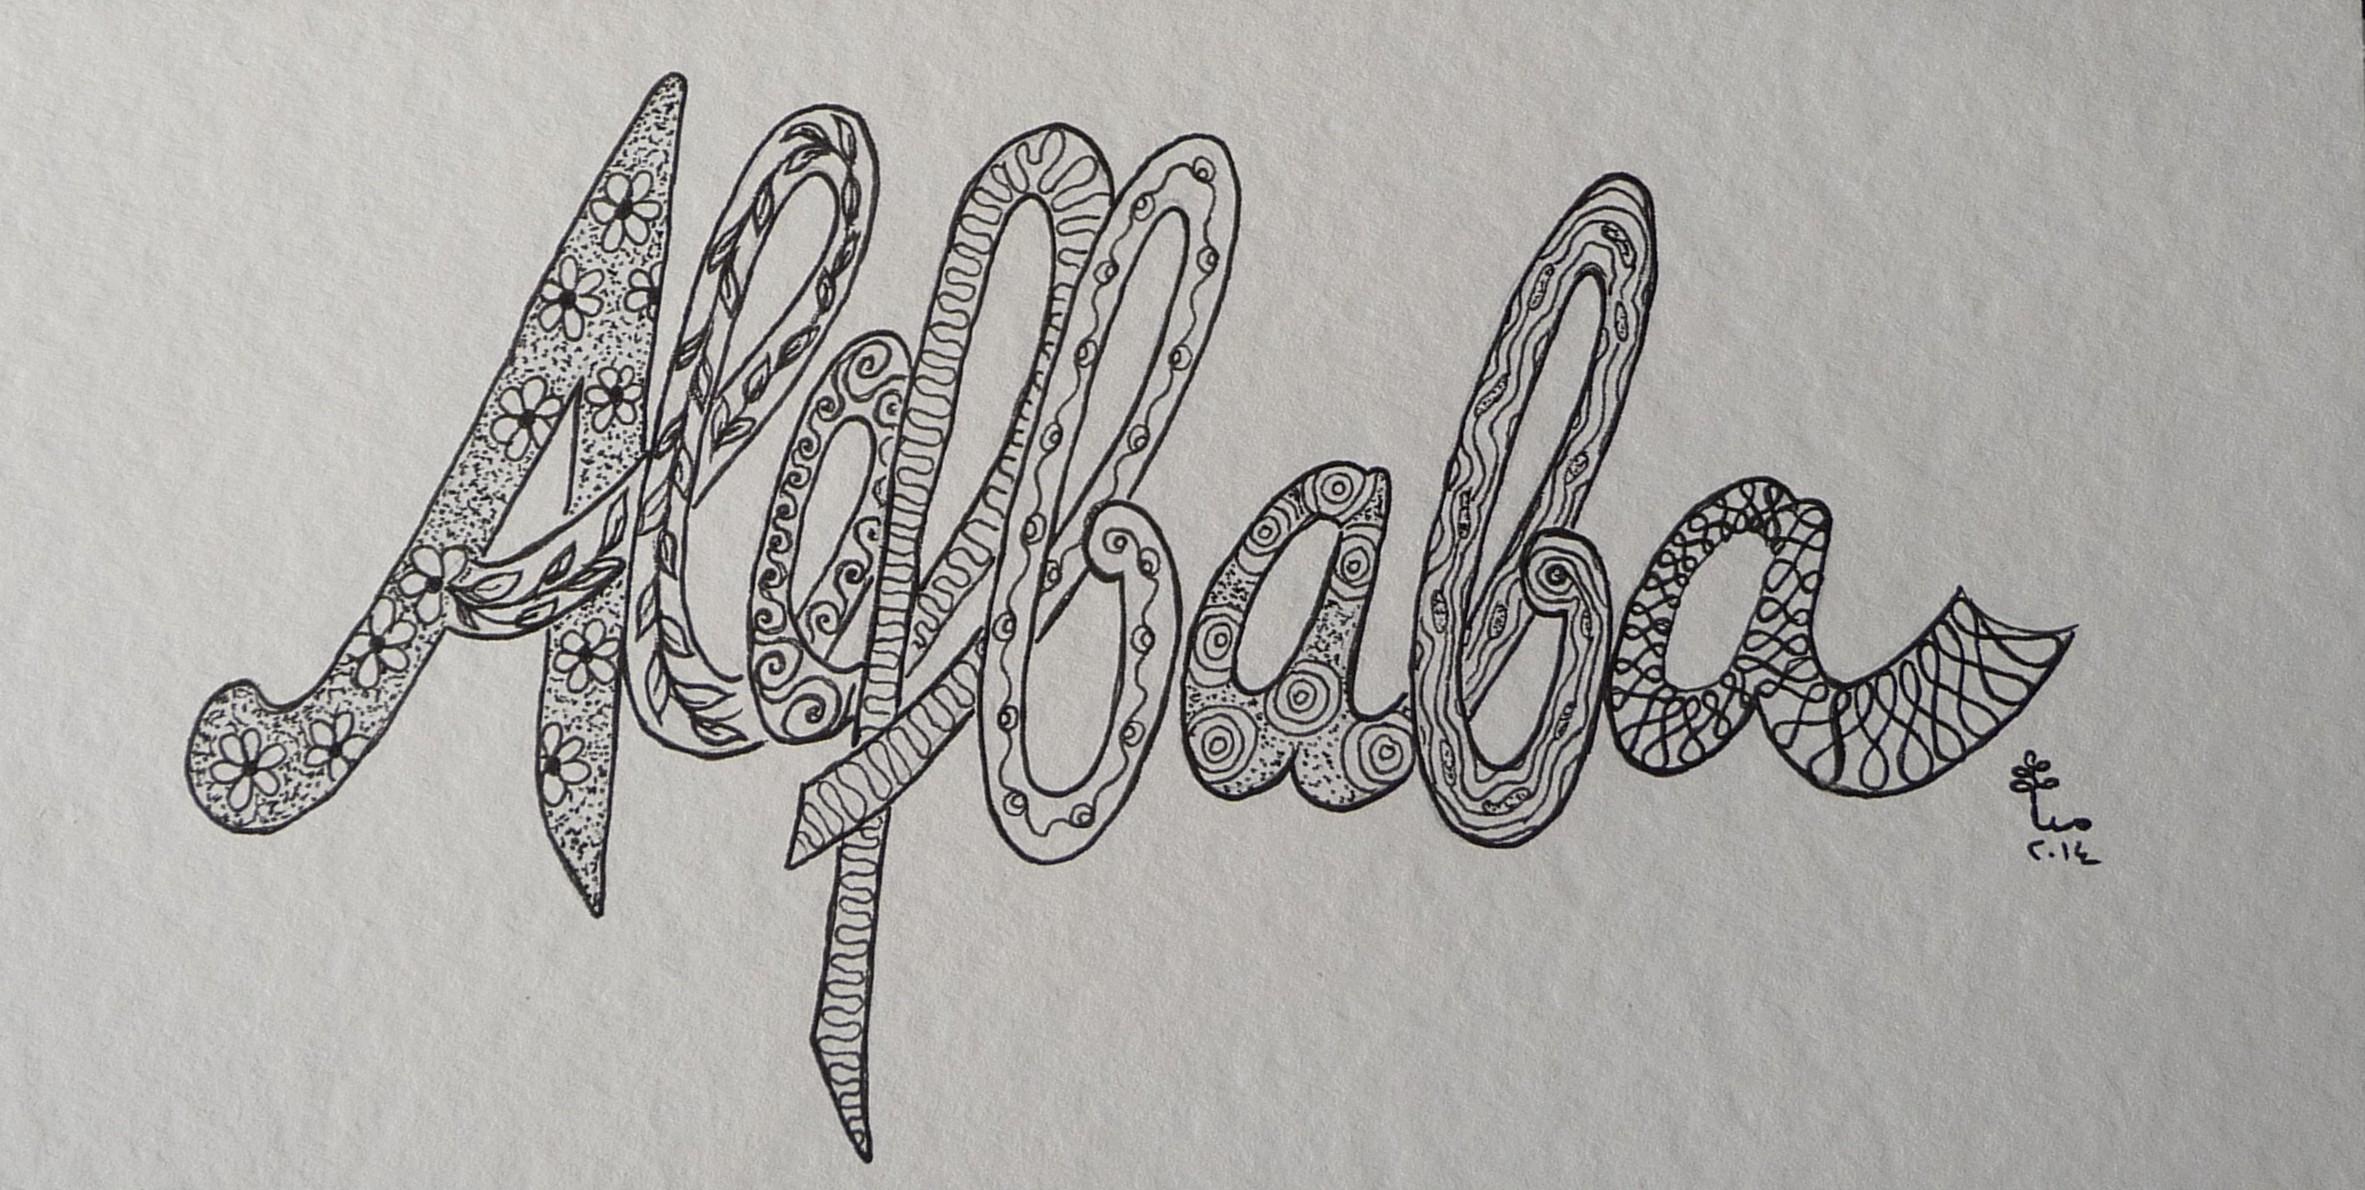 Alefbaba